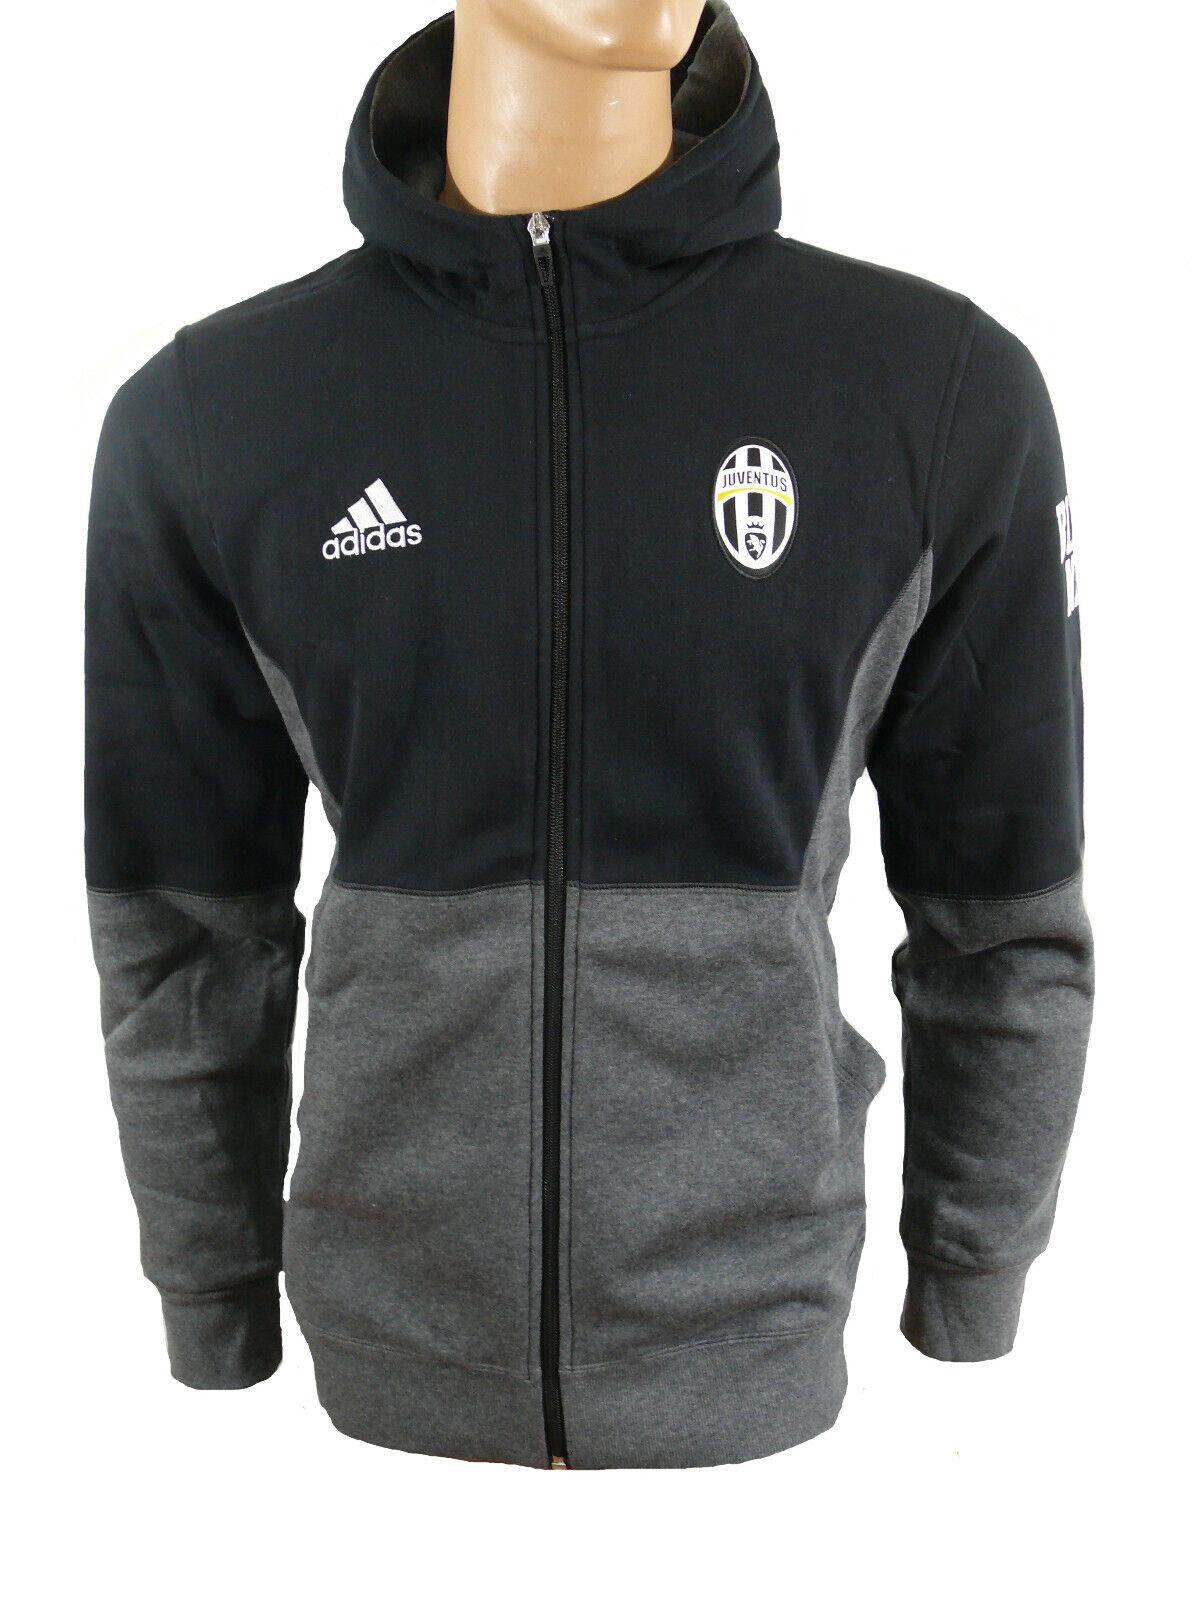 Adidas Juventus Turín Sudadera Chaqueta Sudadera TALLA S